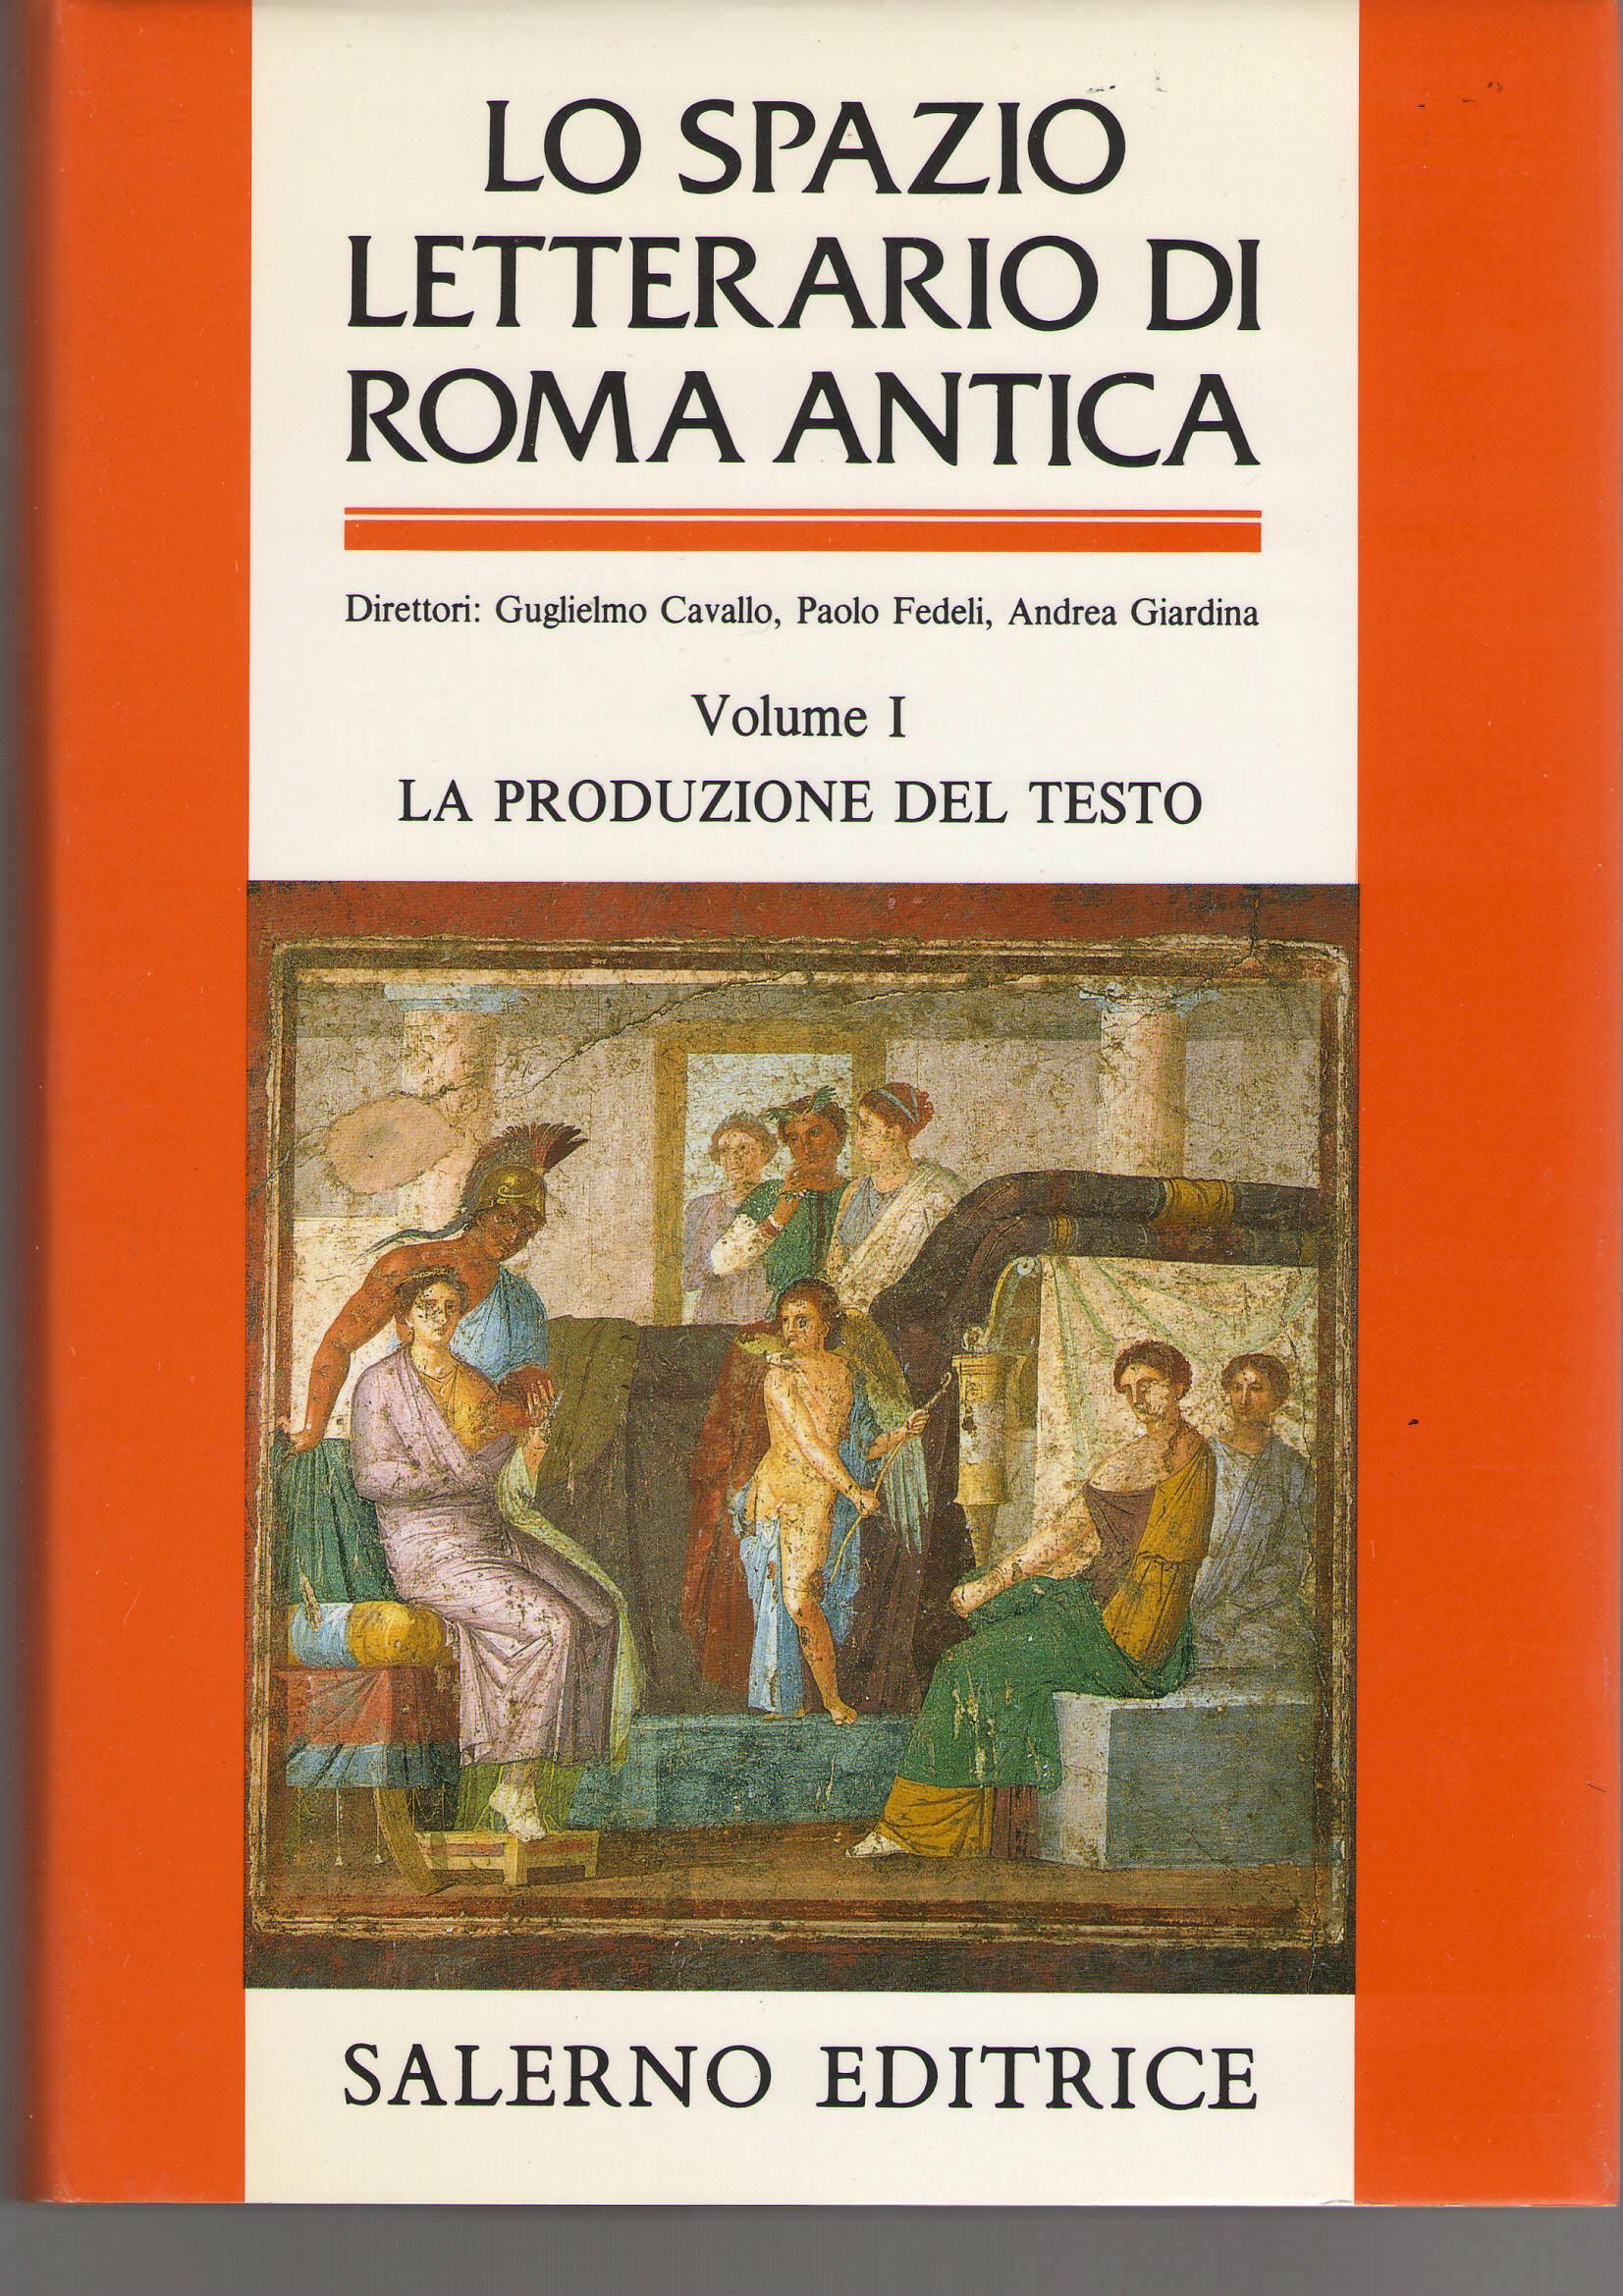 Lo spazio letterario di Roma antica / La produzione del testo